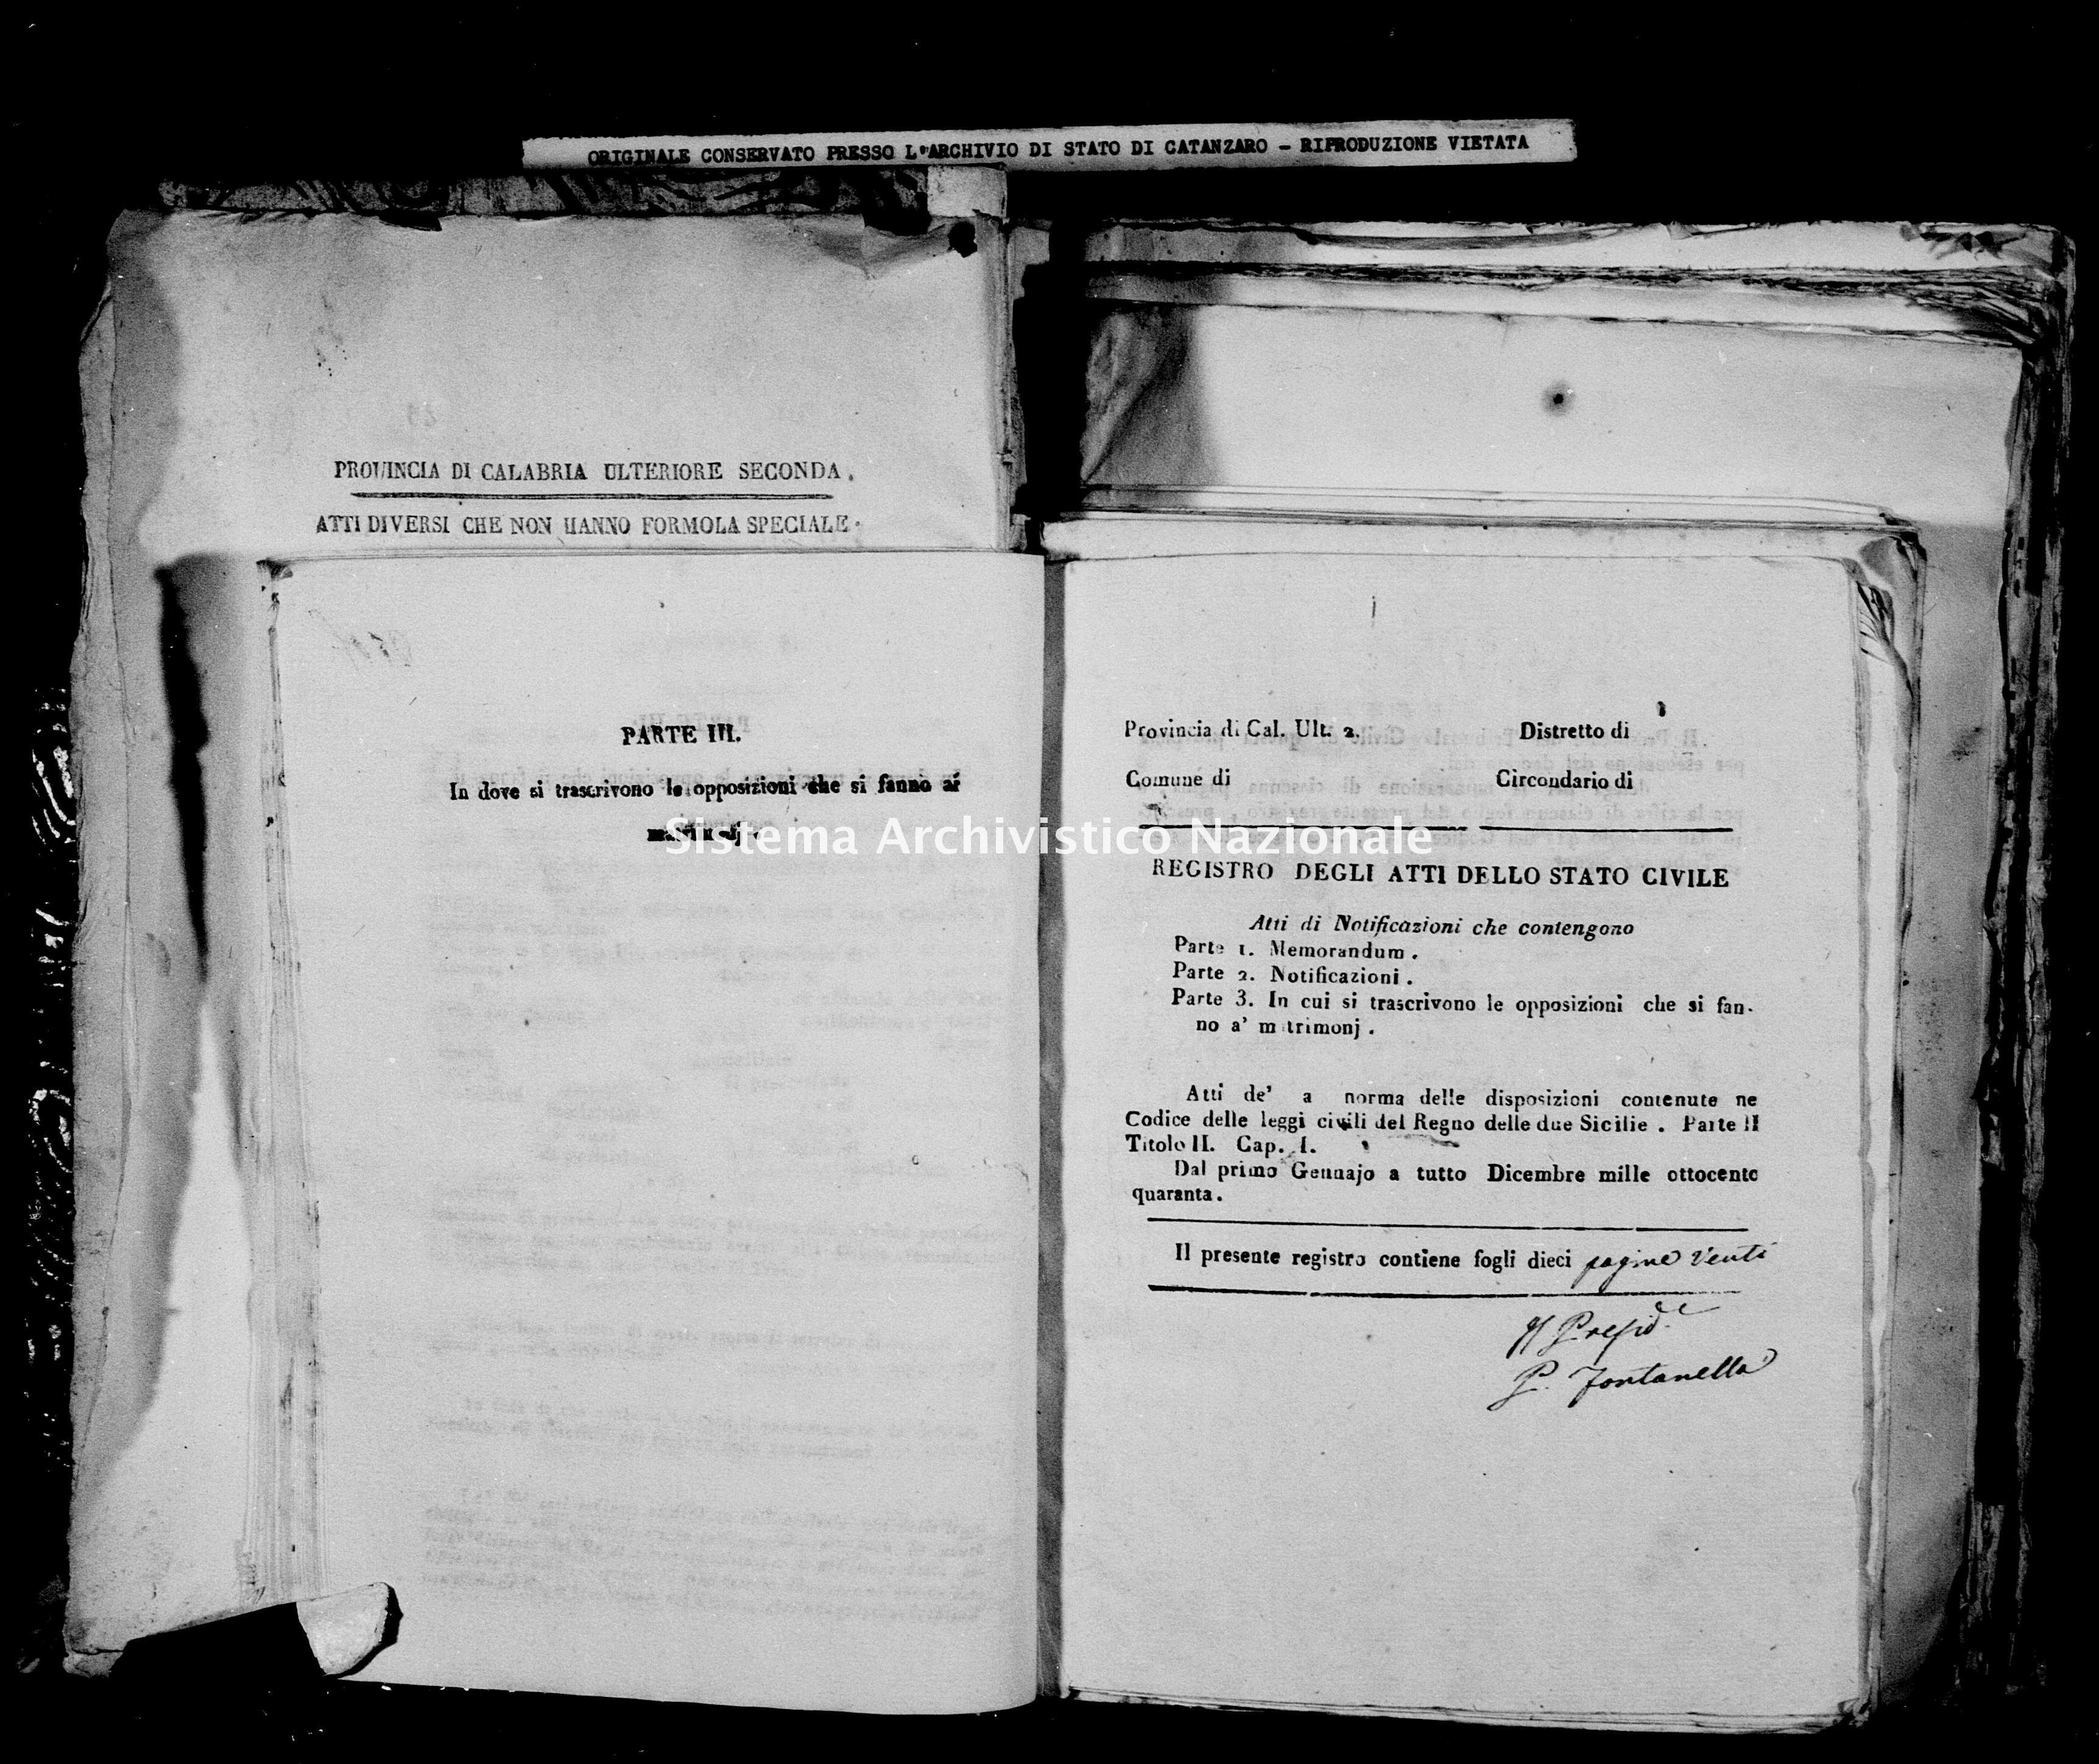 Archivio di stato di Catanzaro - Stato civile della restaurazione - Bella - Matrimoni, notificazioni - 1840 -